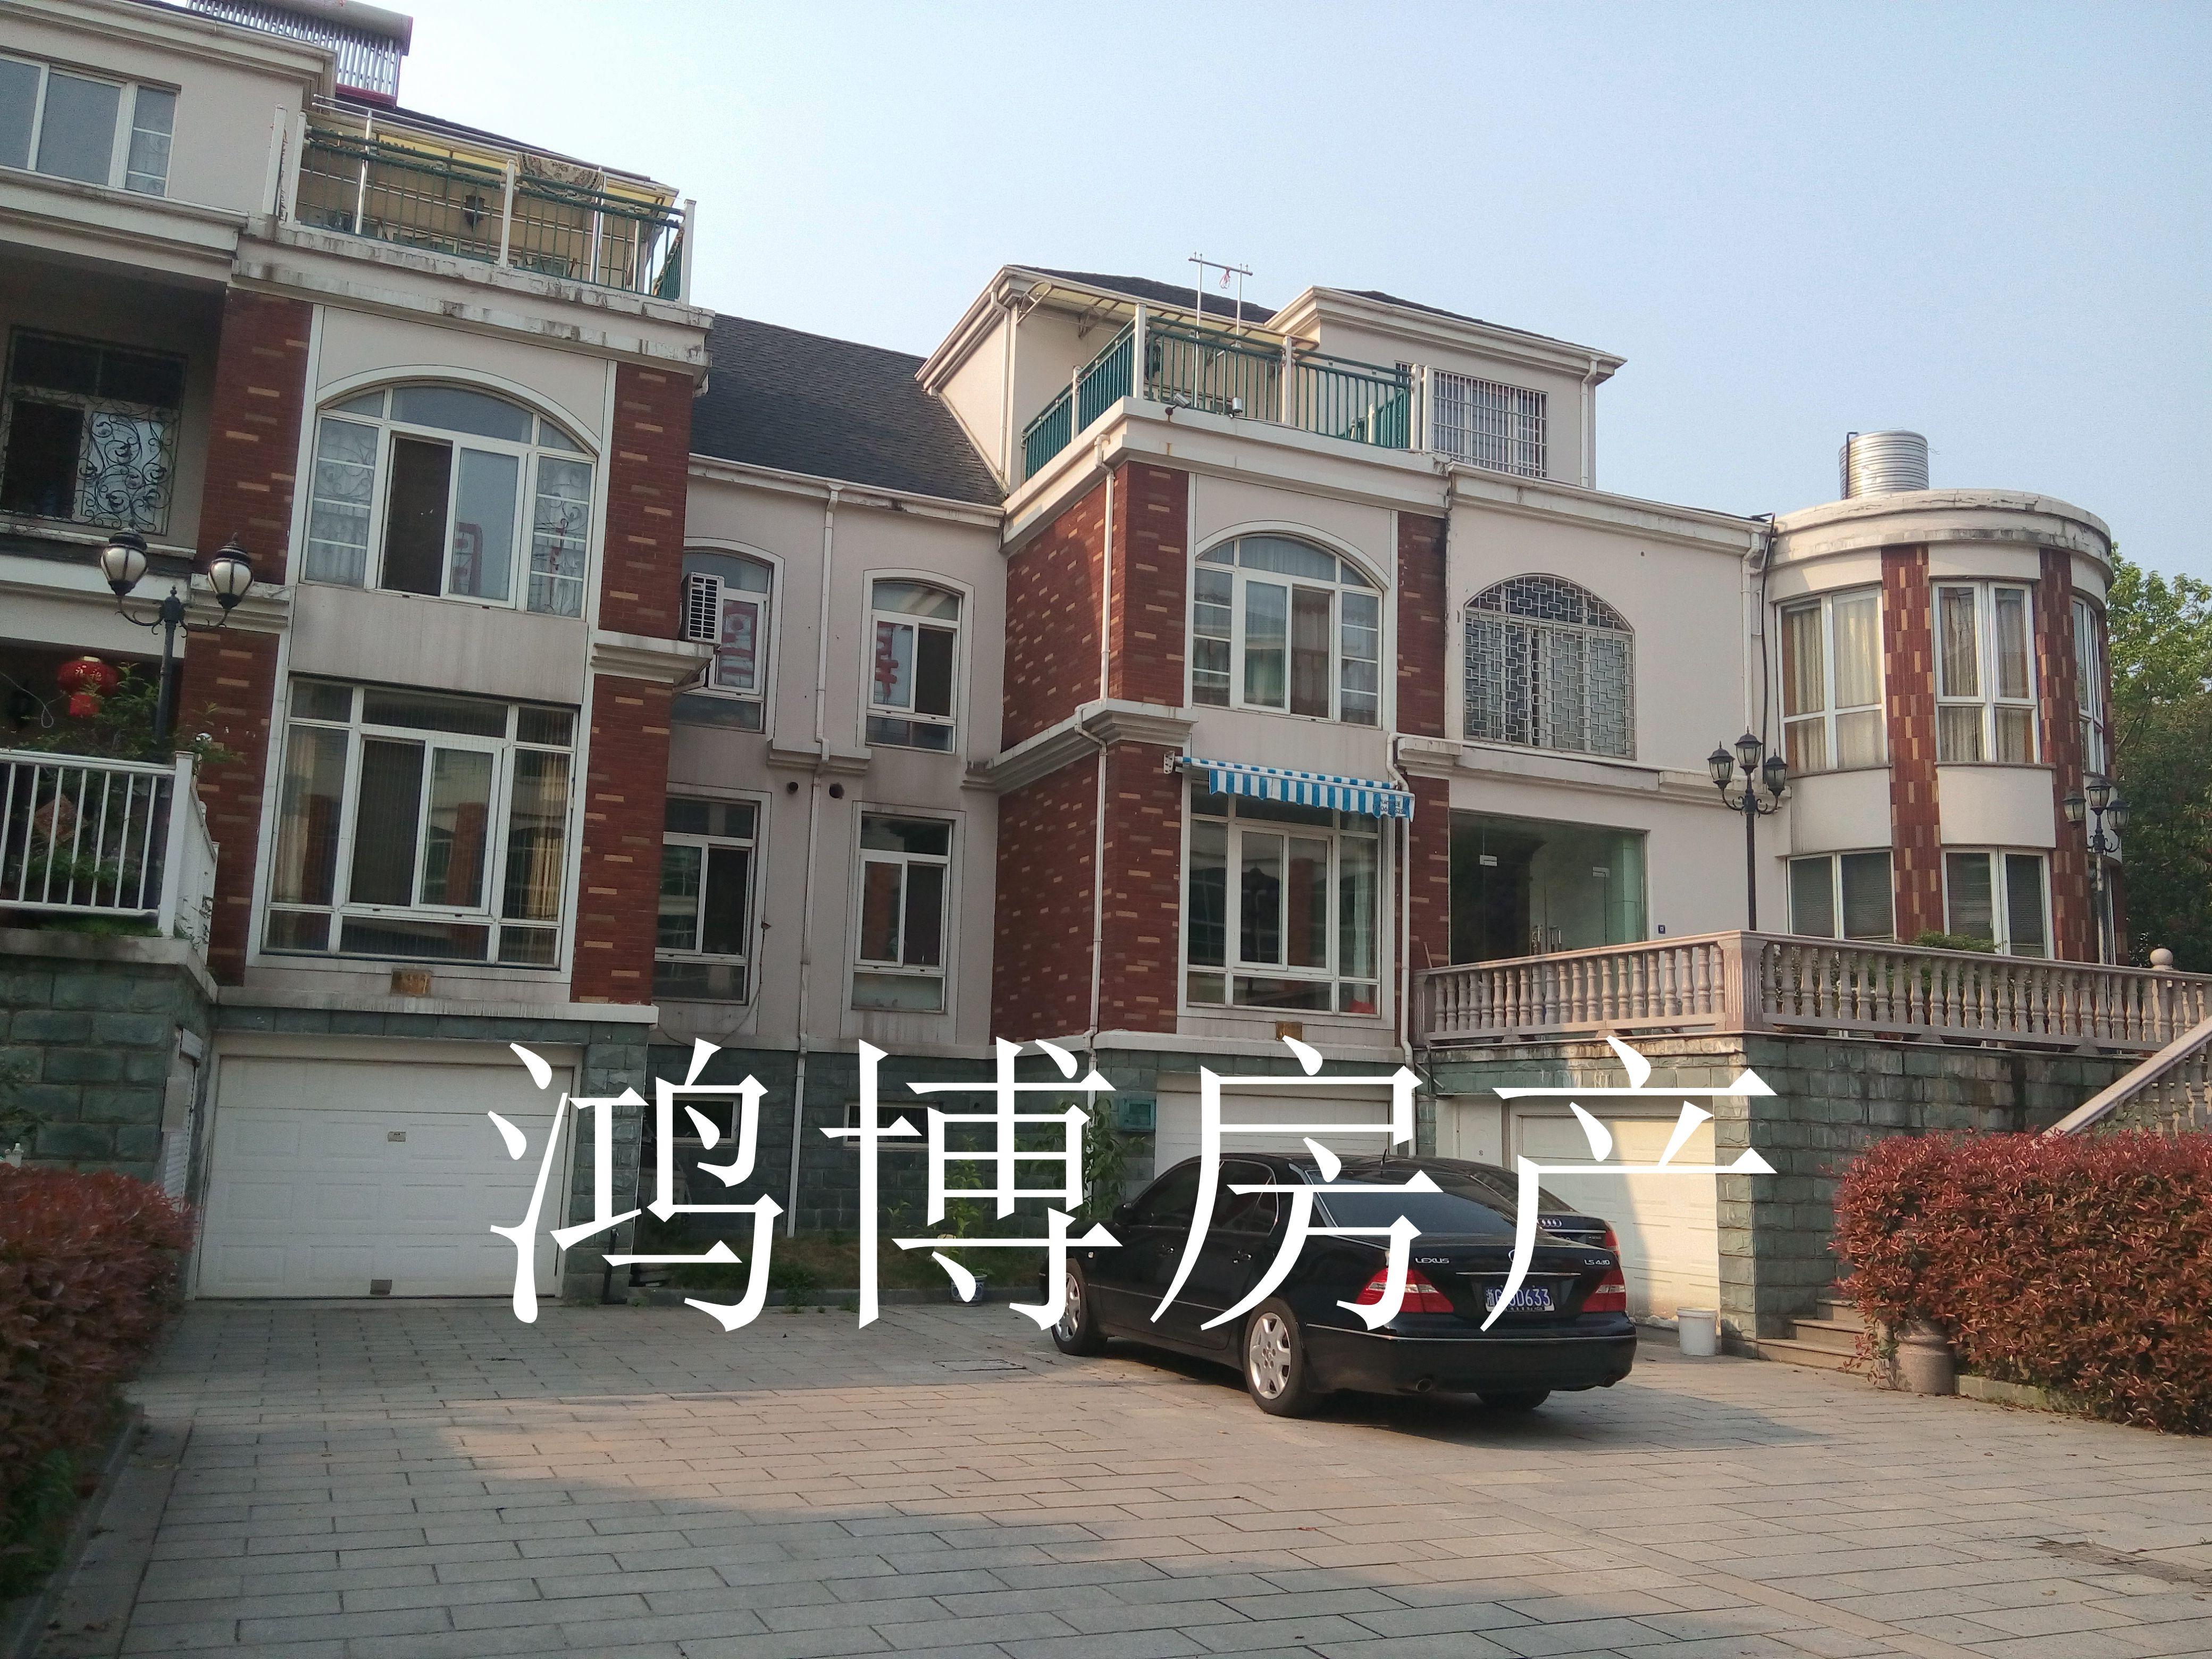 【鸿博--嘉鸿华庭】市中心江景排屋 顶级富豪区 仅此一栋在售